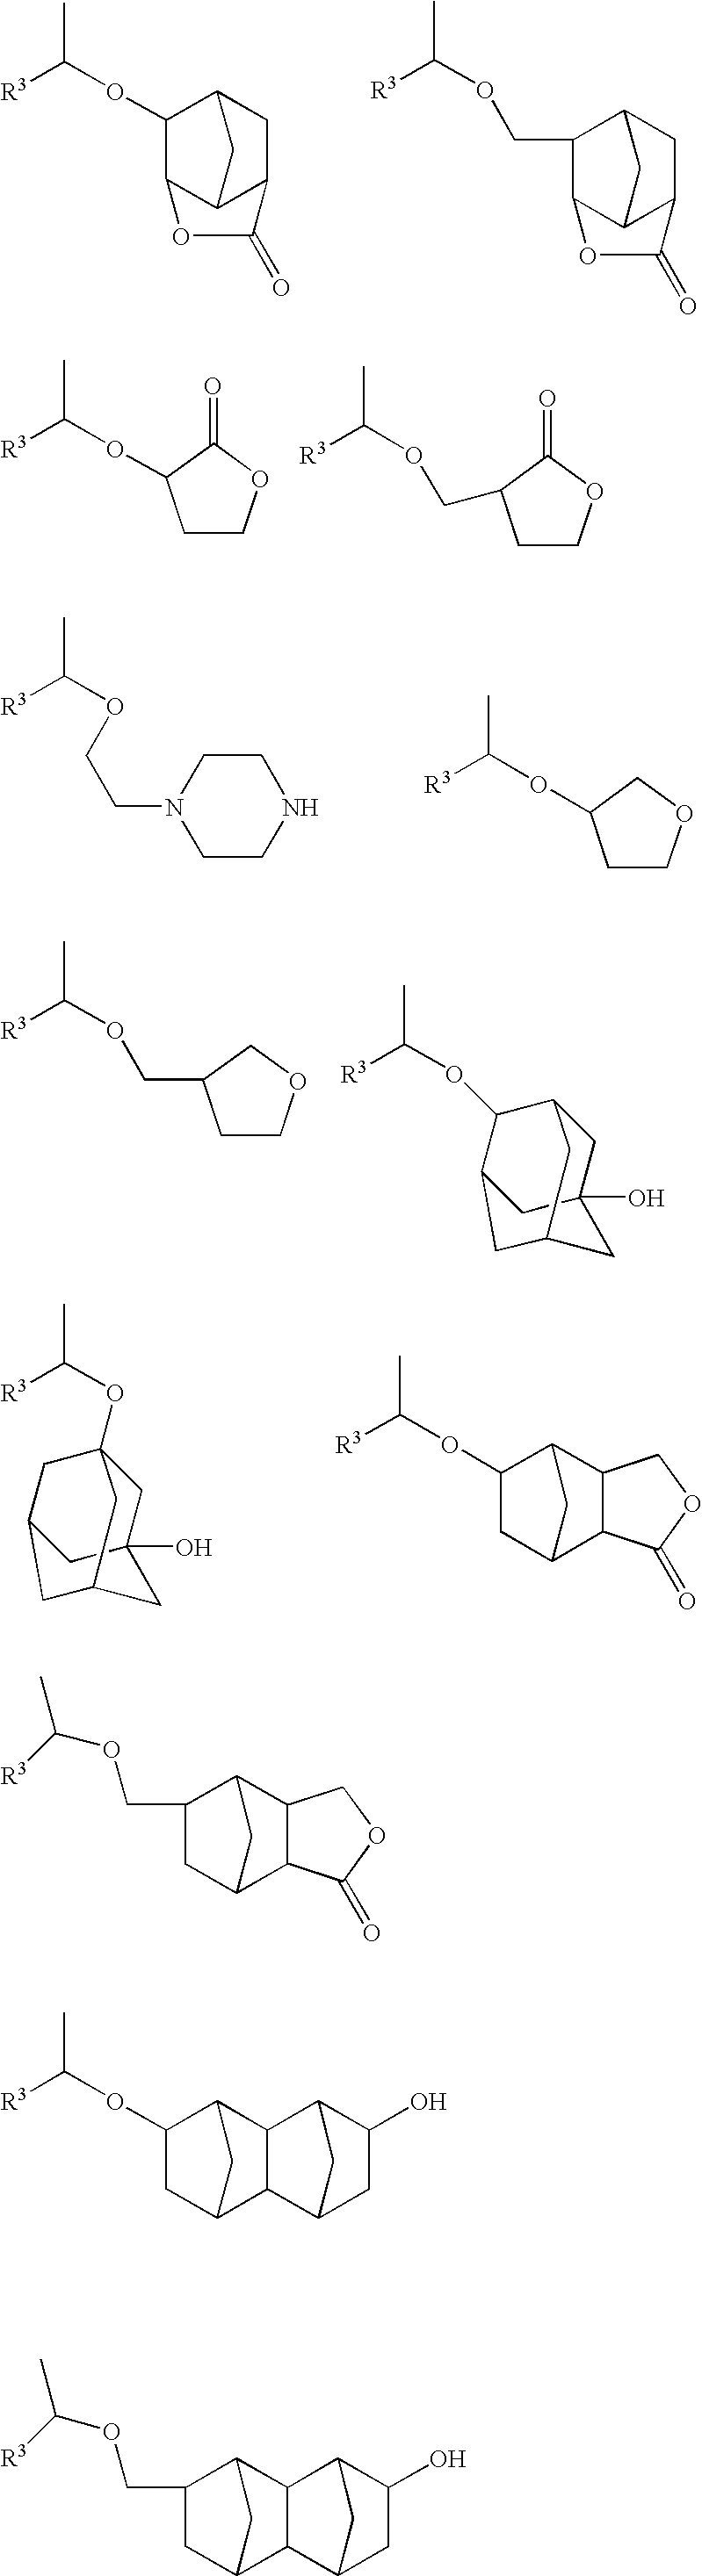 Figure US08206887-20120626-C00007